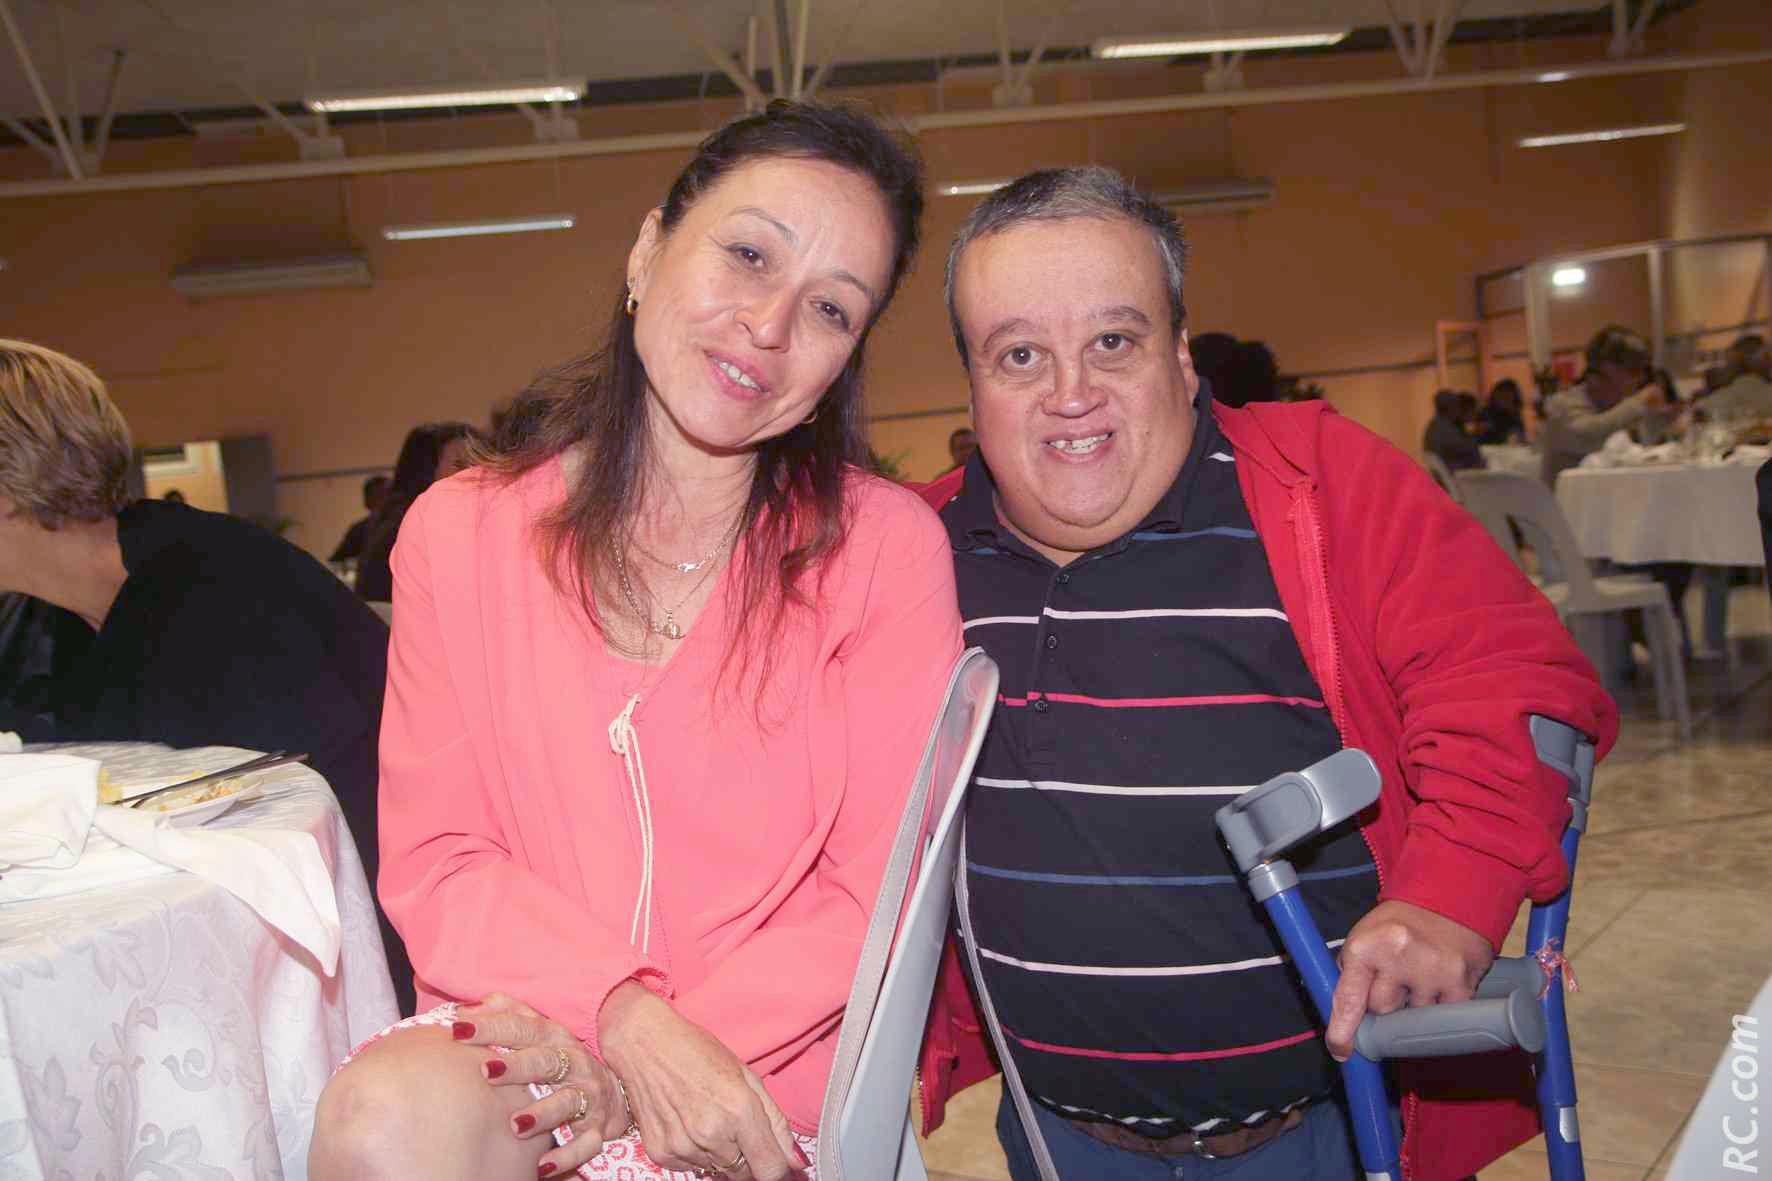 Nathalie Biram, directrice de Air-Mauritius et Jimmy Fontaine qui déjà fourni une quarantaine de fauteuils pour handicapés à l'île Rodrigues, dans le cadre d'actions caritatives qu'il mène depuis plusieurs années